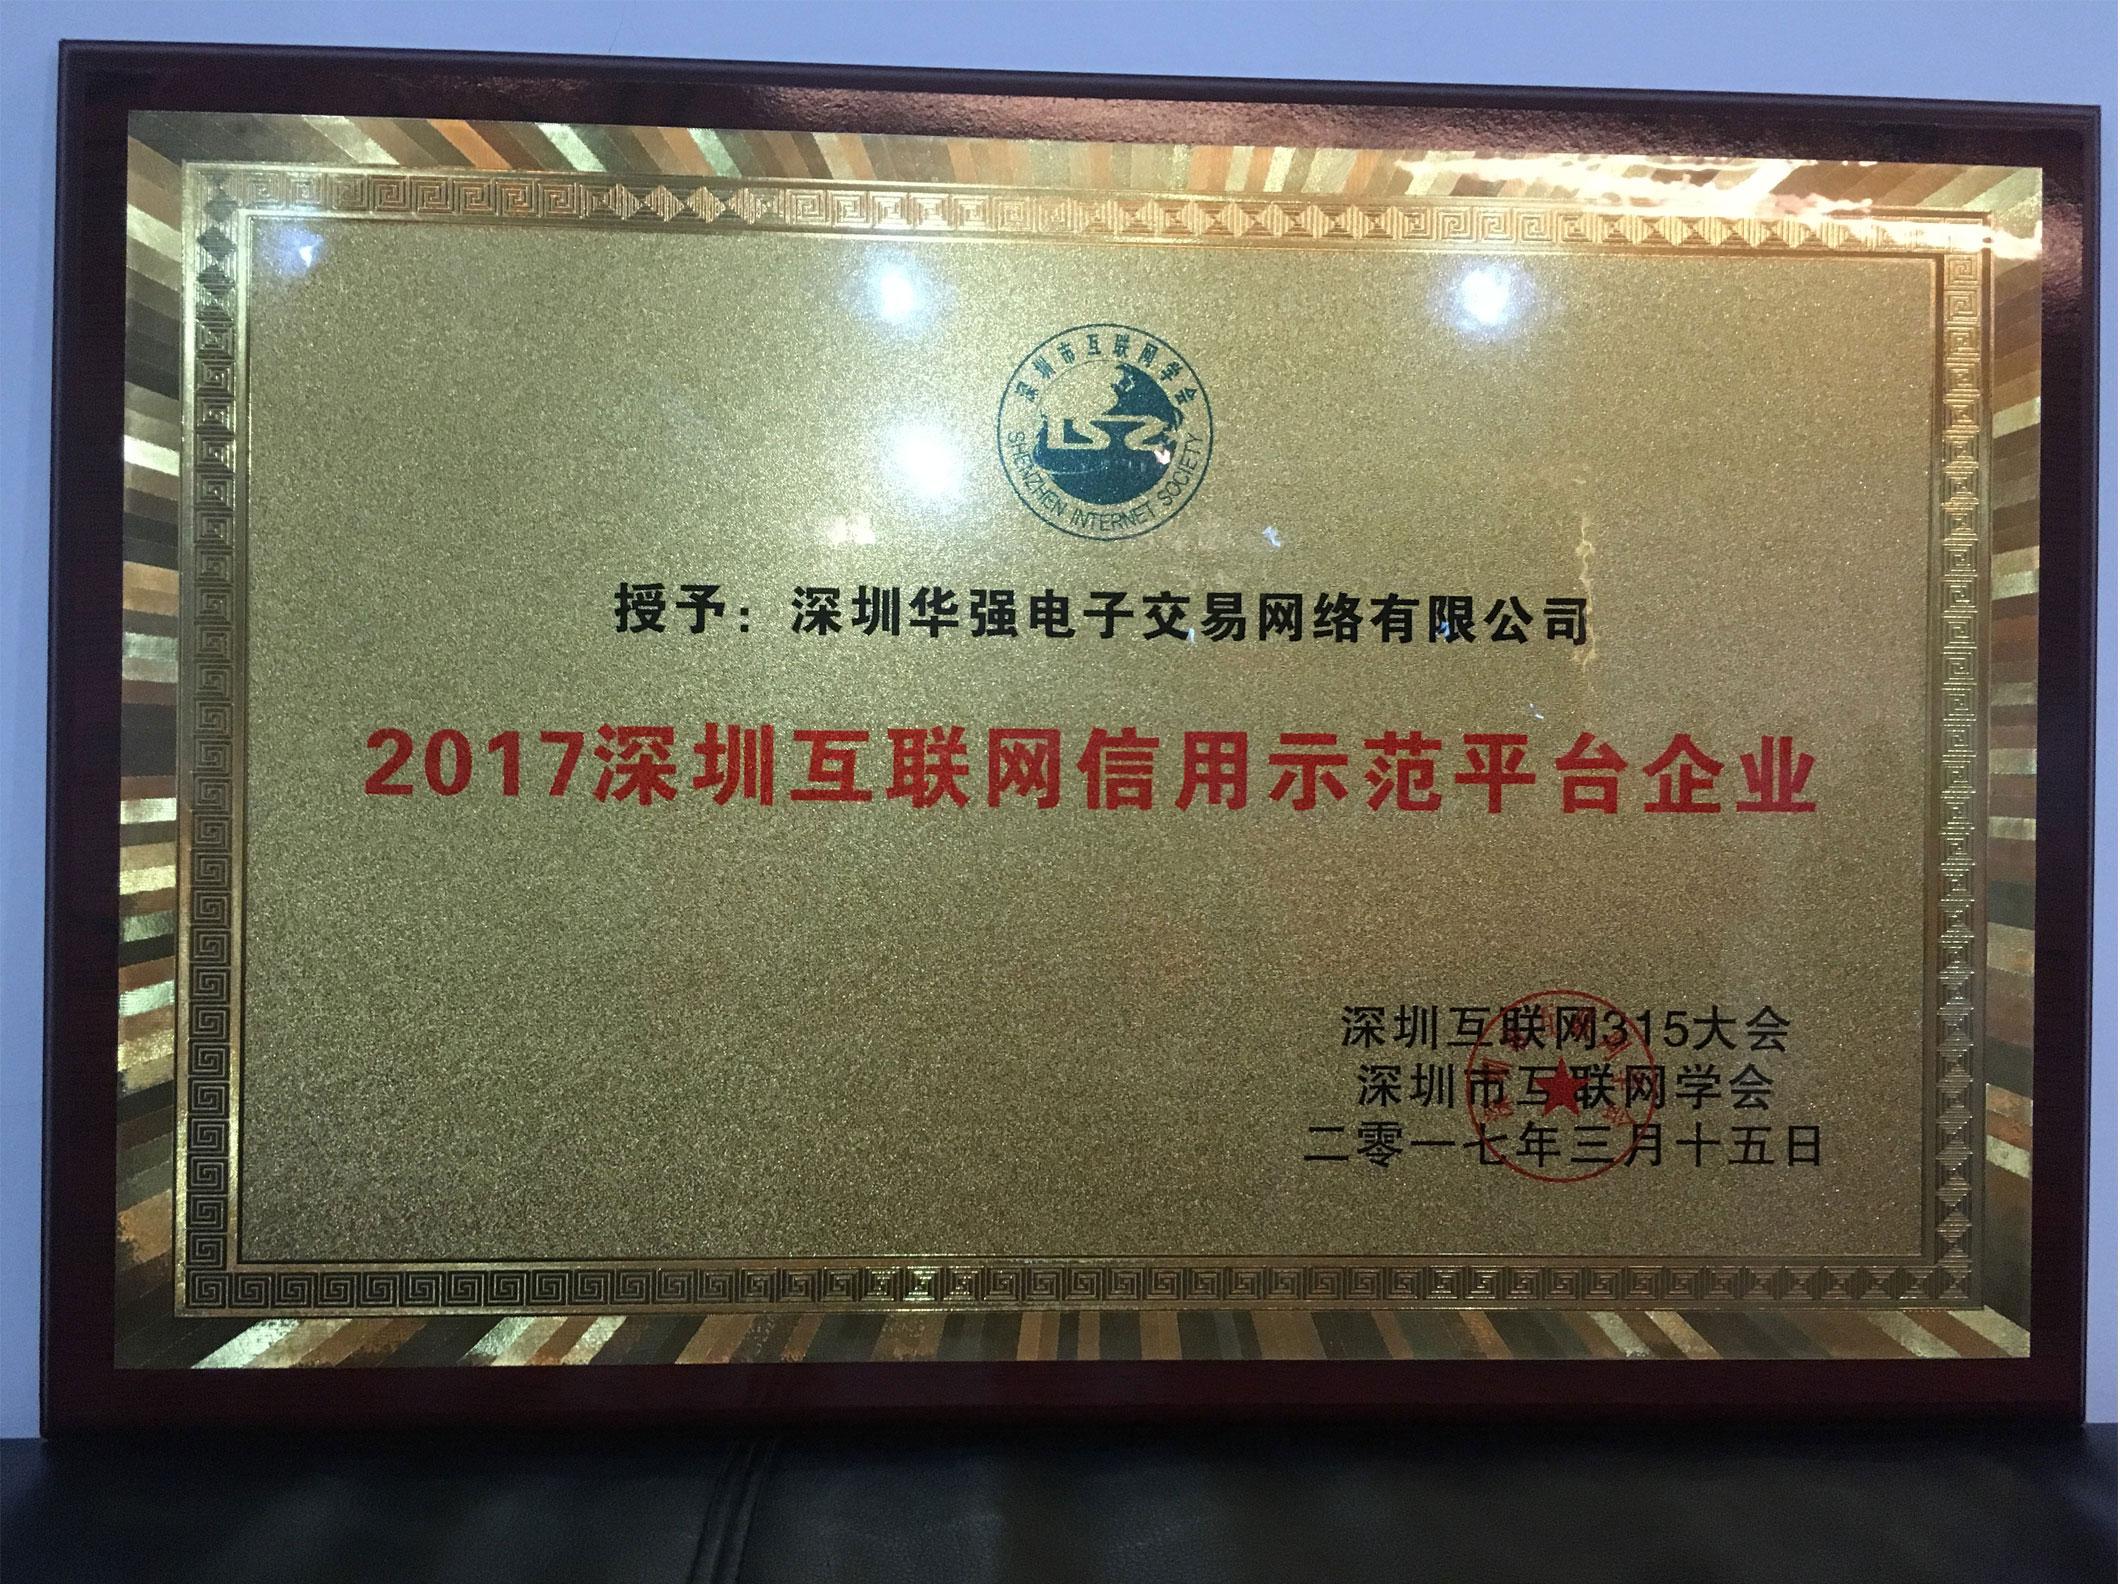 2017深圳互联网信用示范平台企业